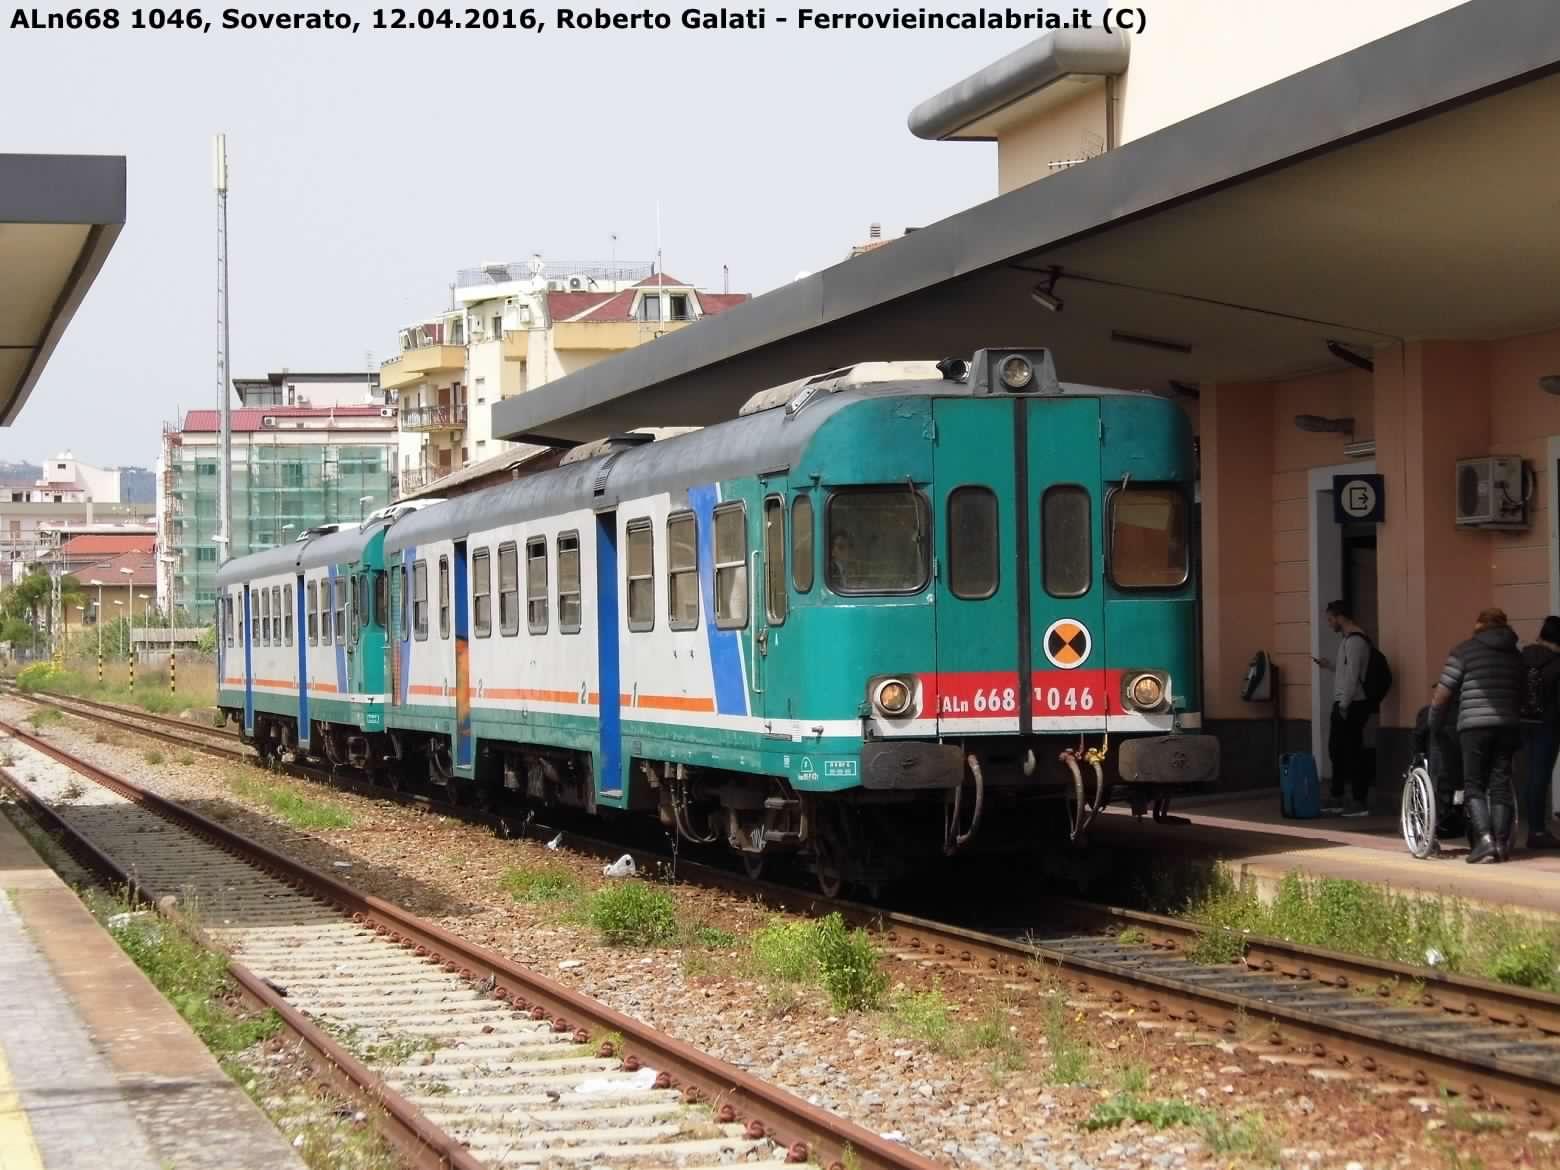 ALn668 1046-Soverato-2016-04-12-RobertoGalati